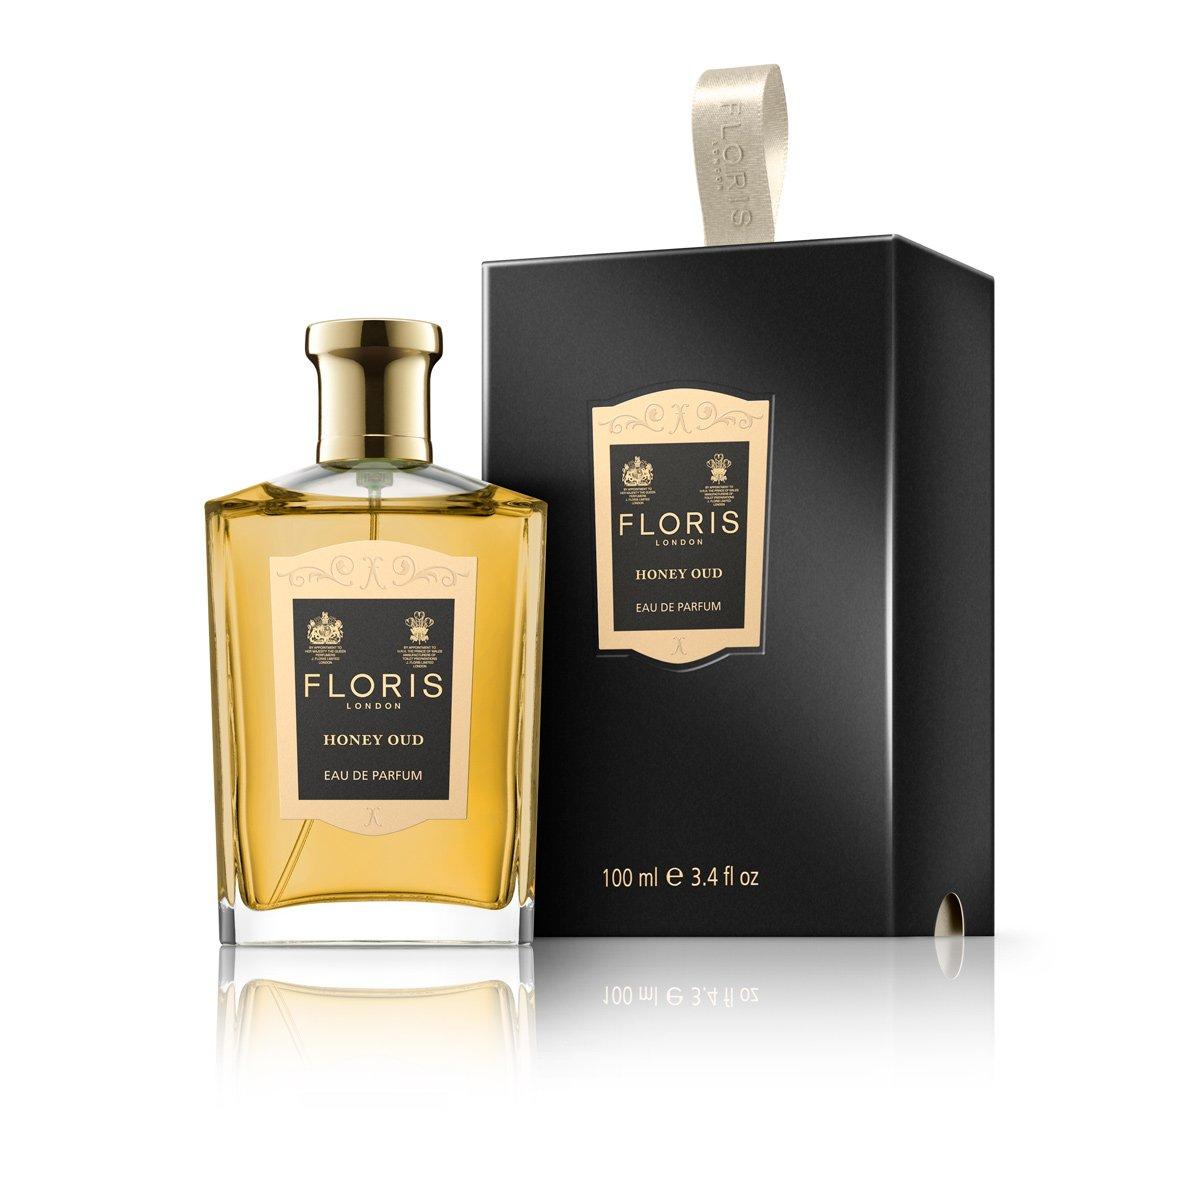 Floris London Honey Oud Eau de Parfum Spray, 3.4 Fl Oz